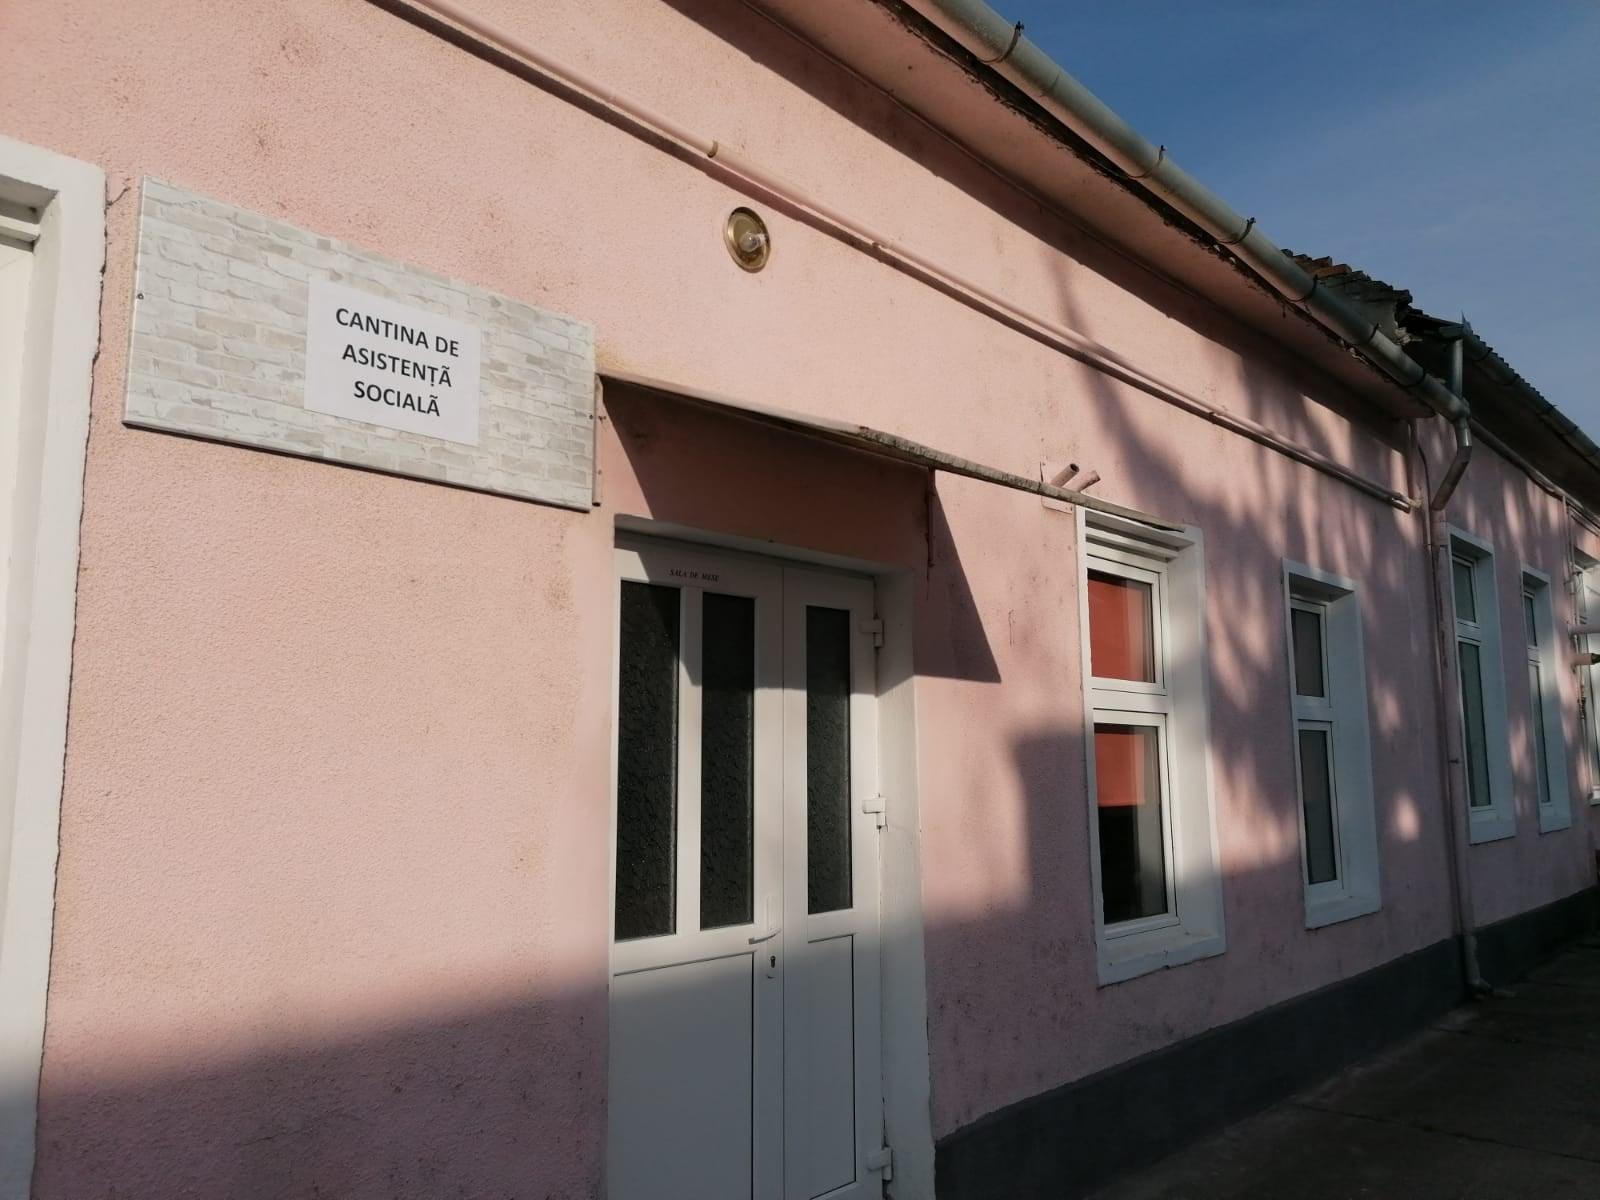 Cantina socială din Hațeg – redeschisă, după o renovare majoră